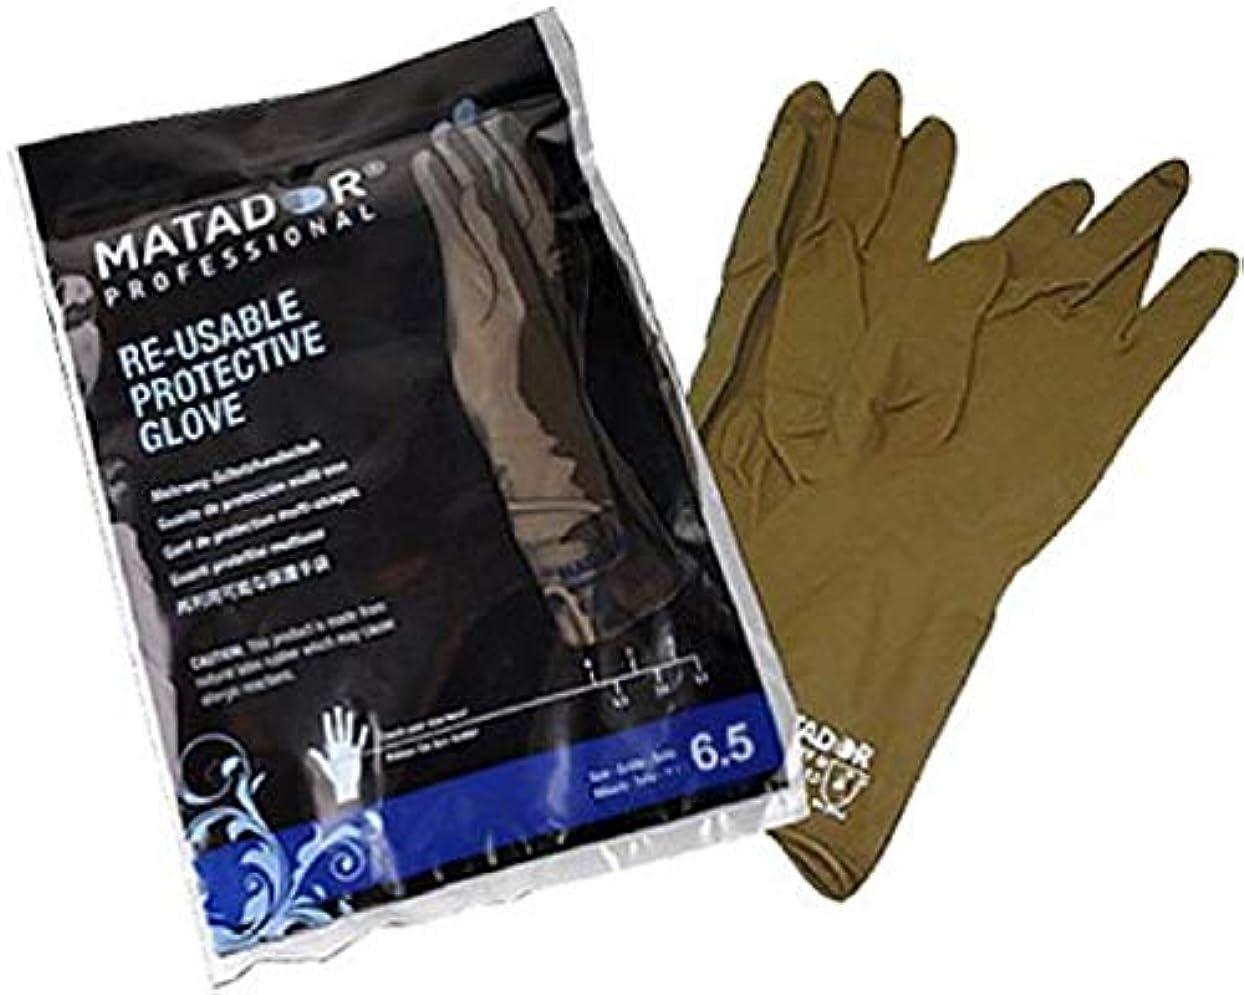 けがをする蚊むしろマタドールゴム手袋 7.5吋 【3個セット】